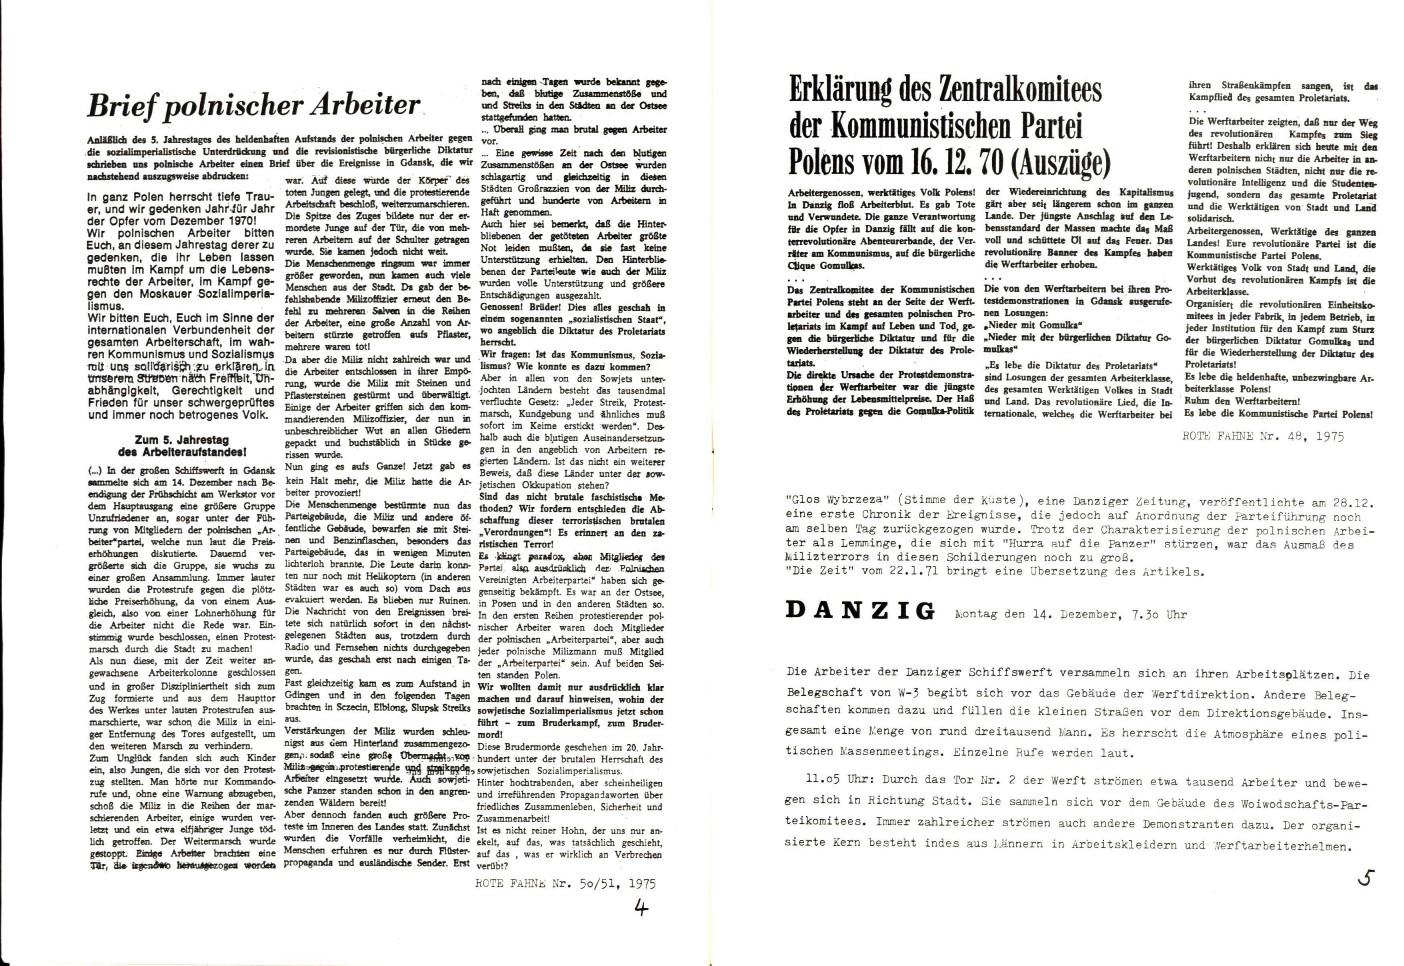 Berlin_KSV_1976_Arbeiteraufstand_in_Polen_04